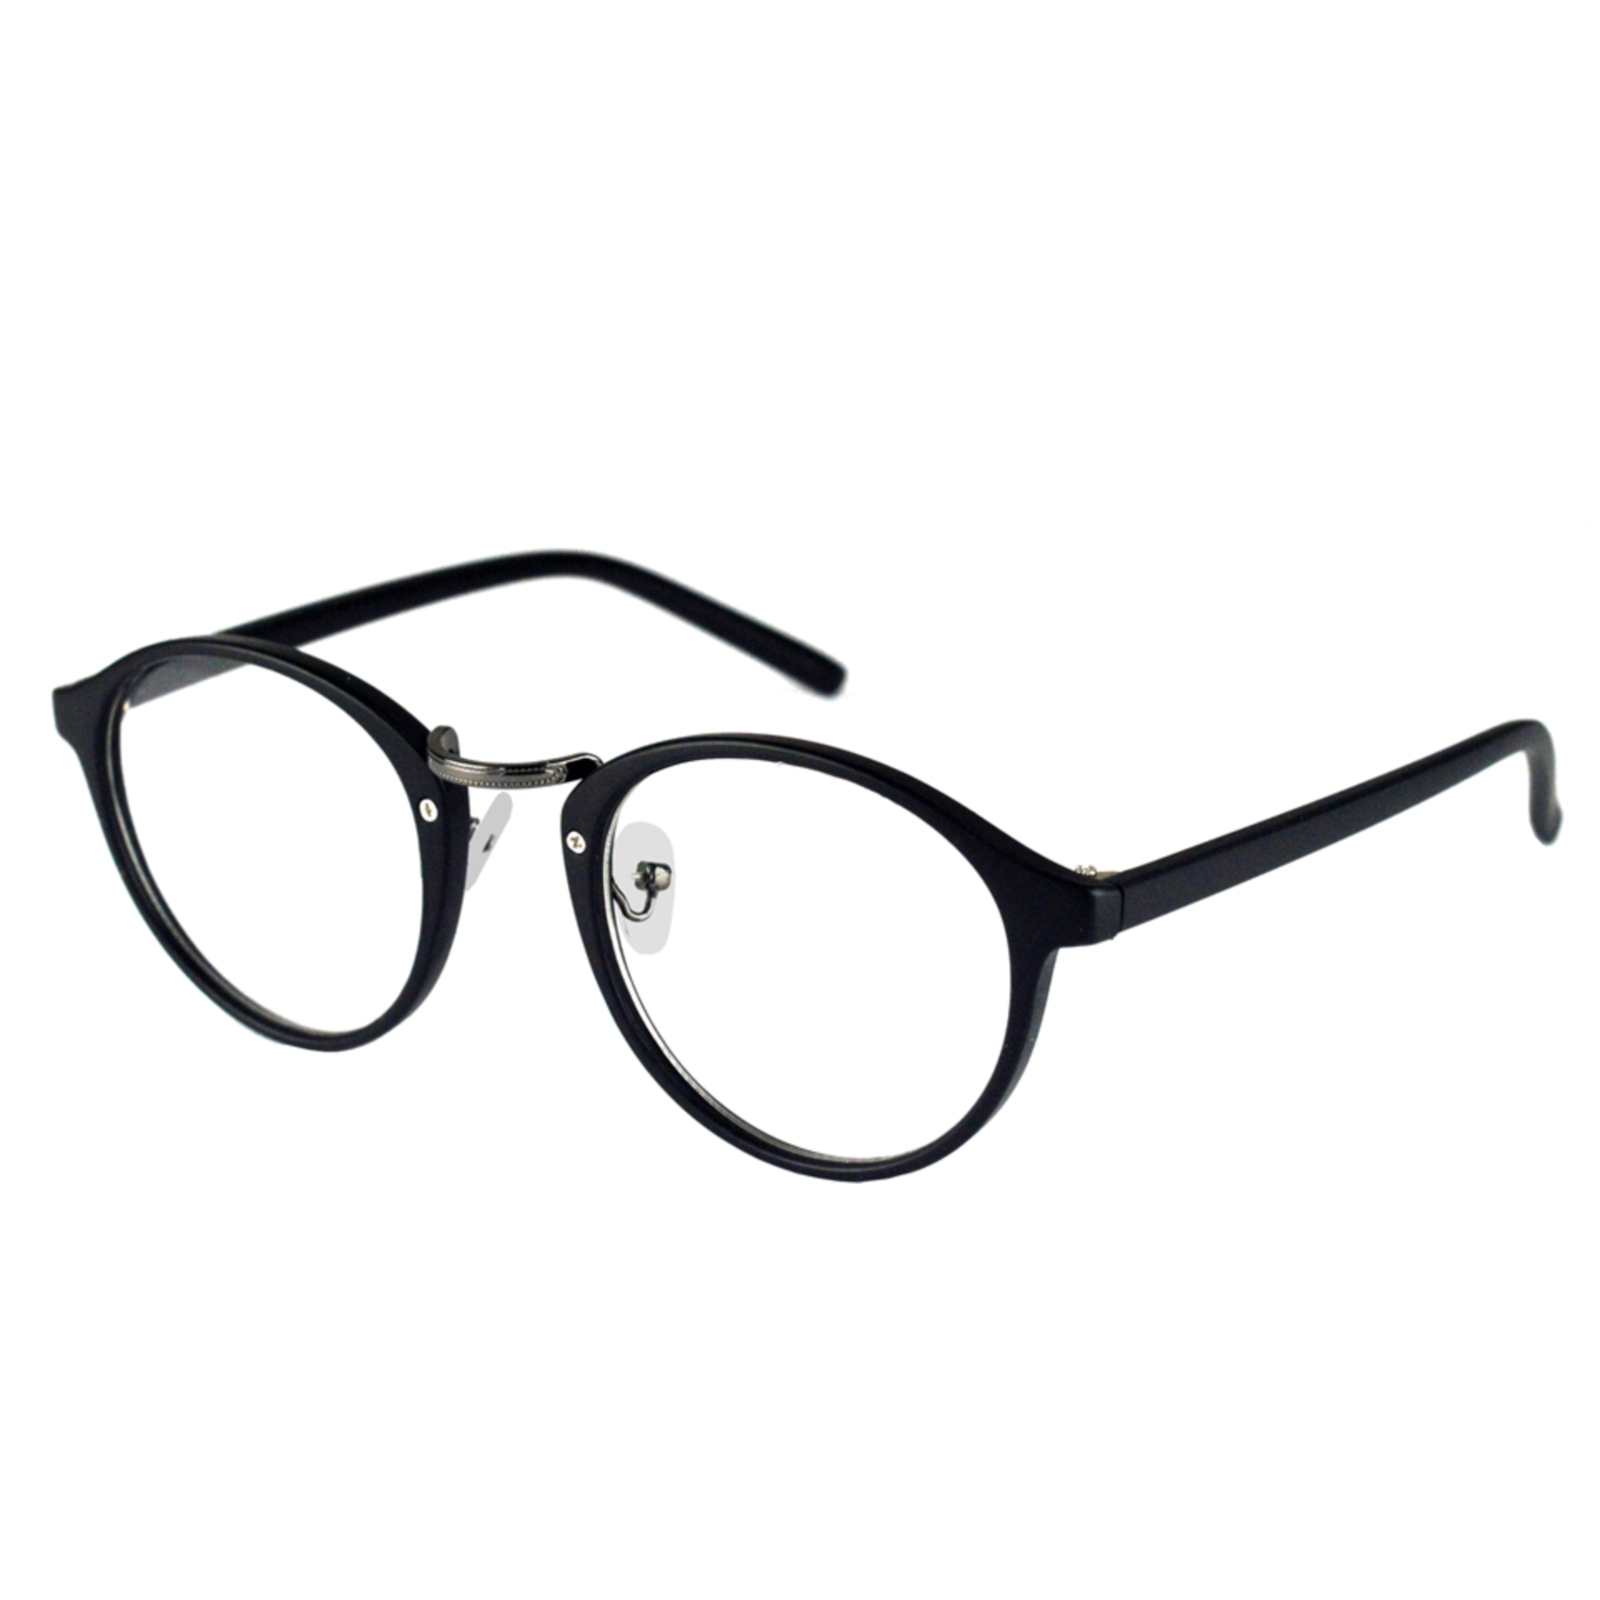 Armacao Oculos De Grau Izaker Redondo 137 Preto Armacoes De